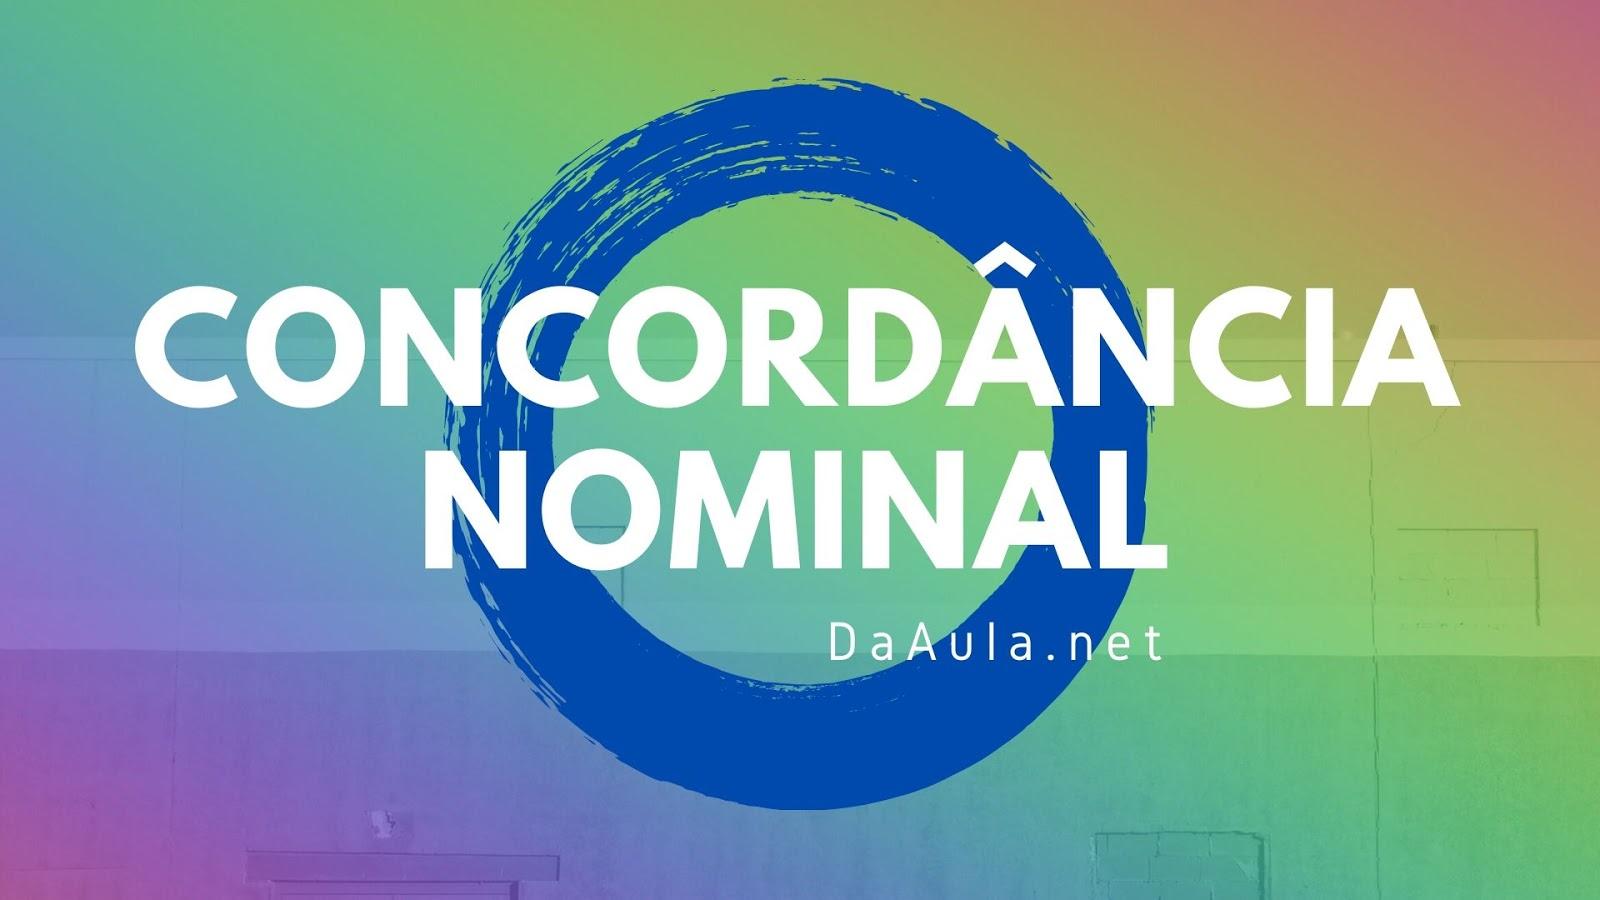 Língua Portuguesa: O que é Concordância Nominal